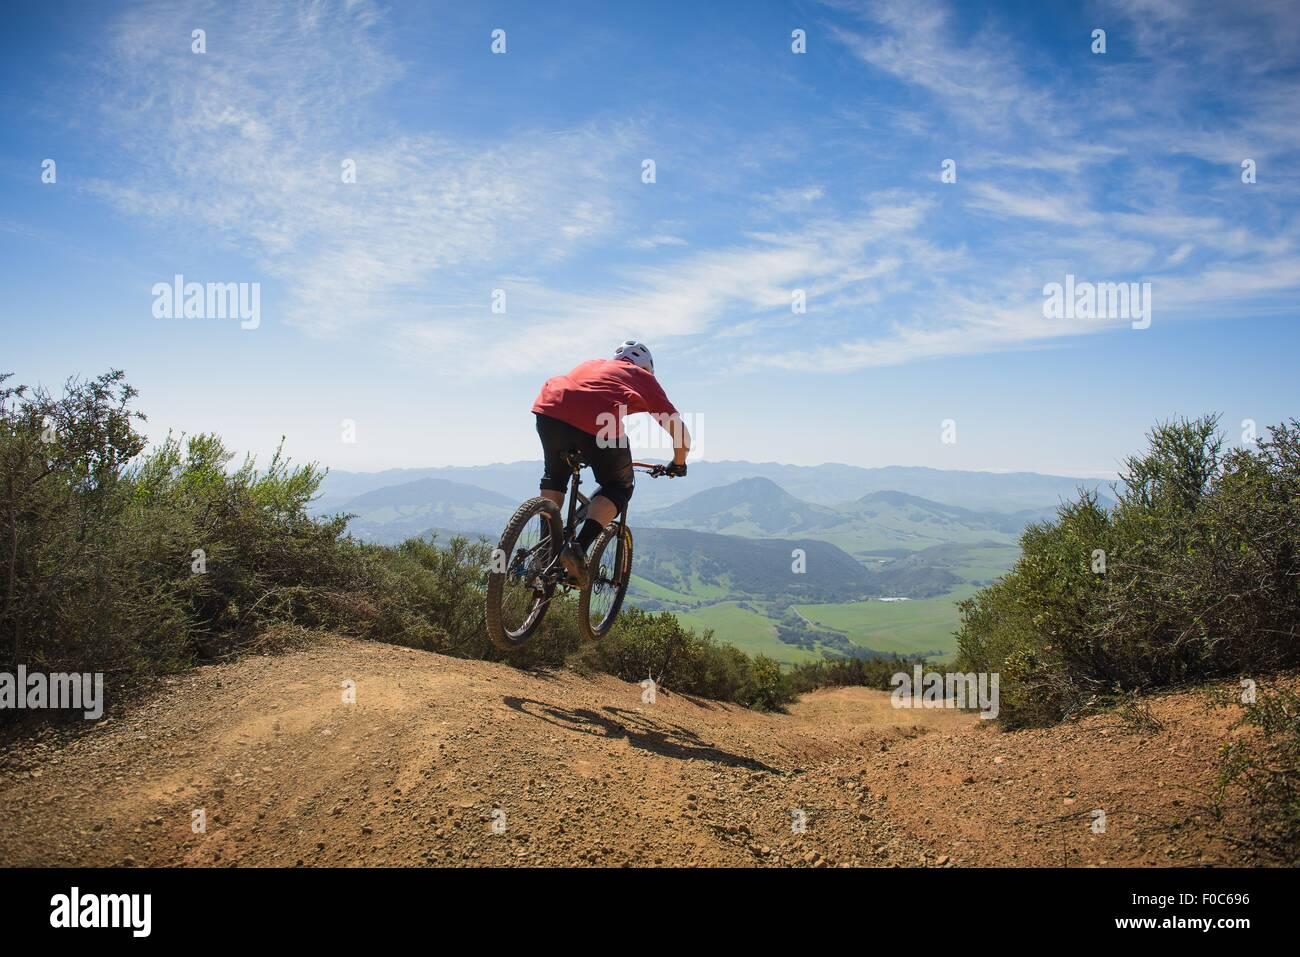 El ciclista de mountain bike, San Luis Obispo, California, Estados Unidos de América Imagen De Stock